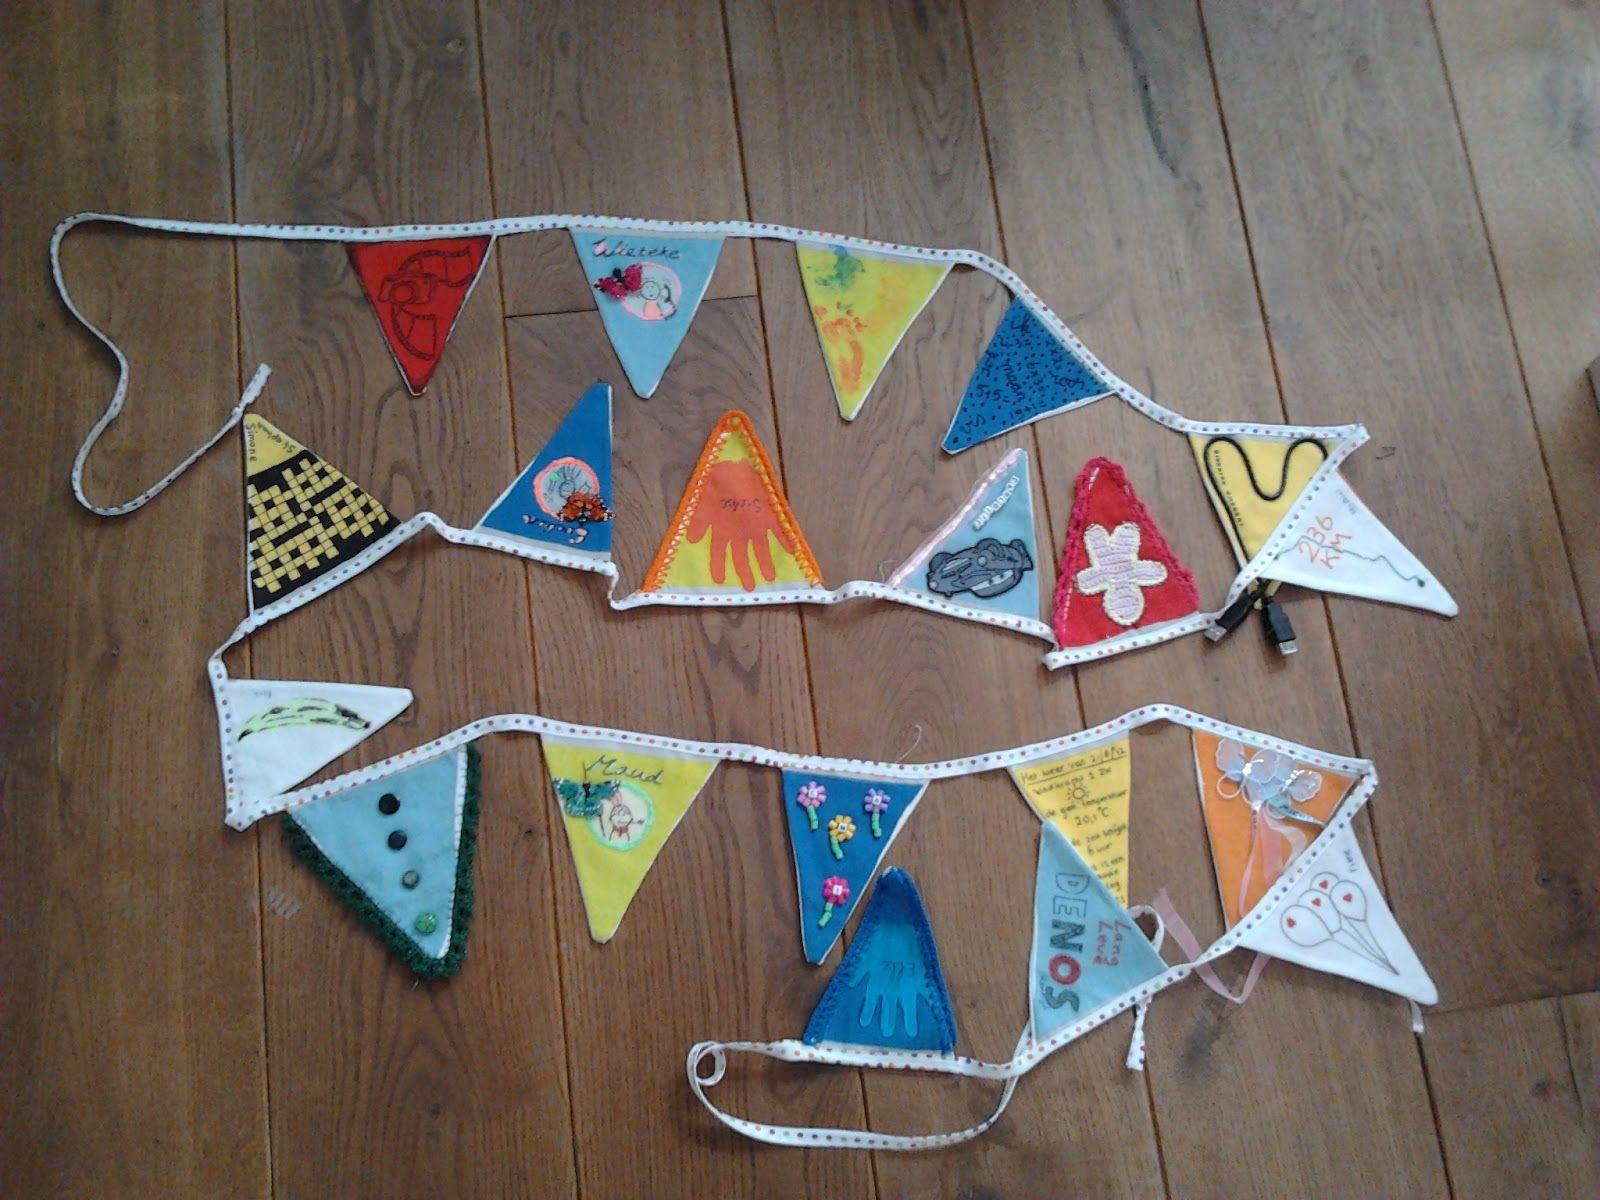 Meegestuurd met uitnodigingen en terug laten sturen, leuk idee! http://becced.blogspot.nl/